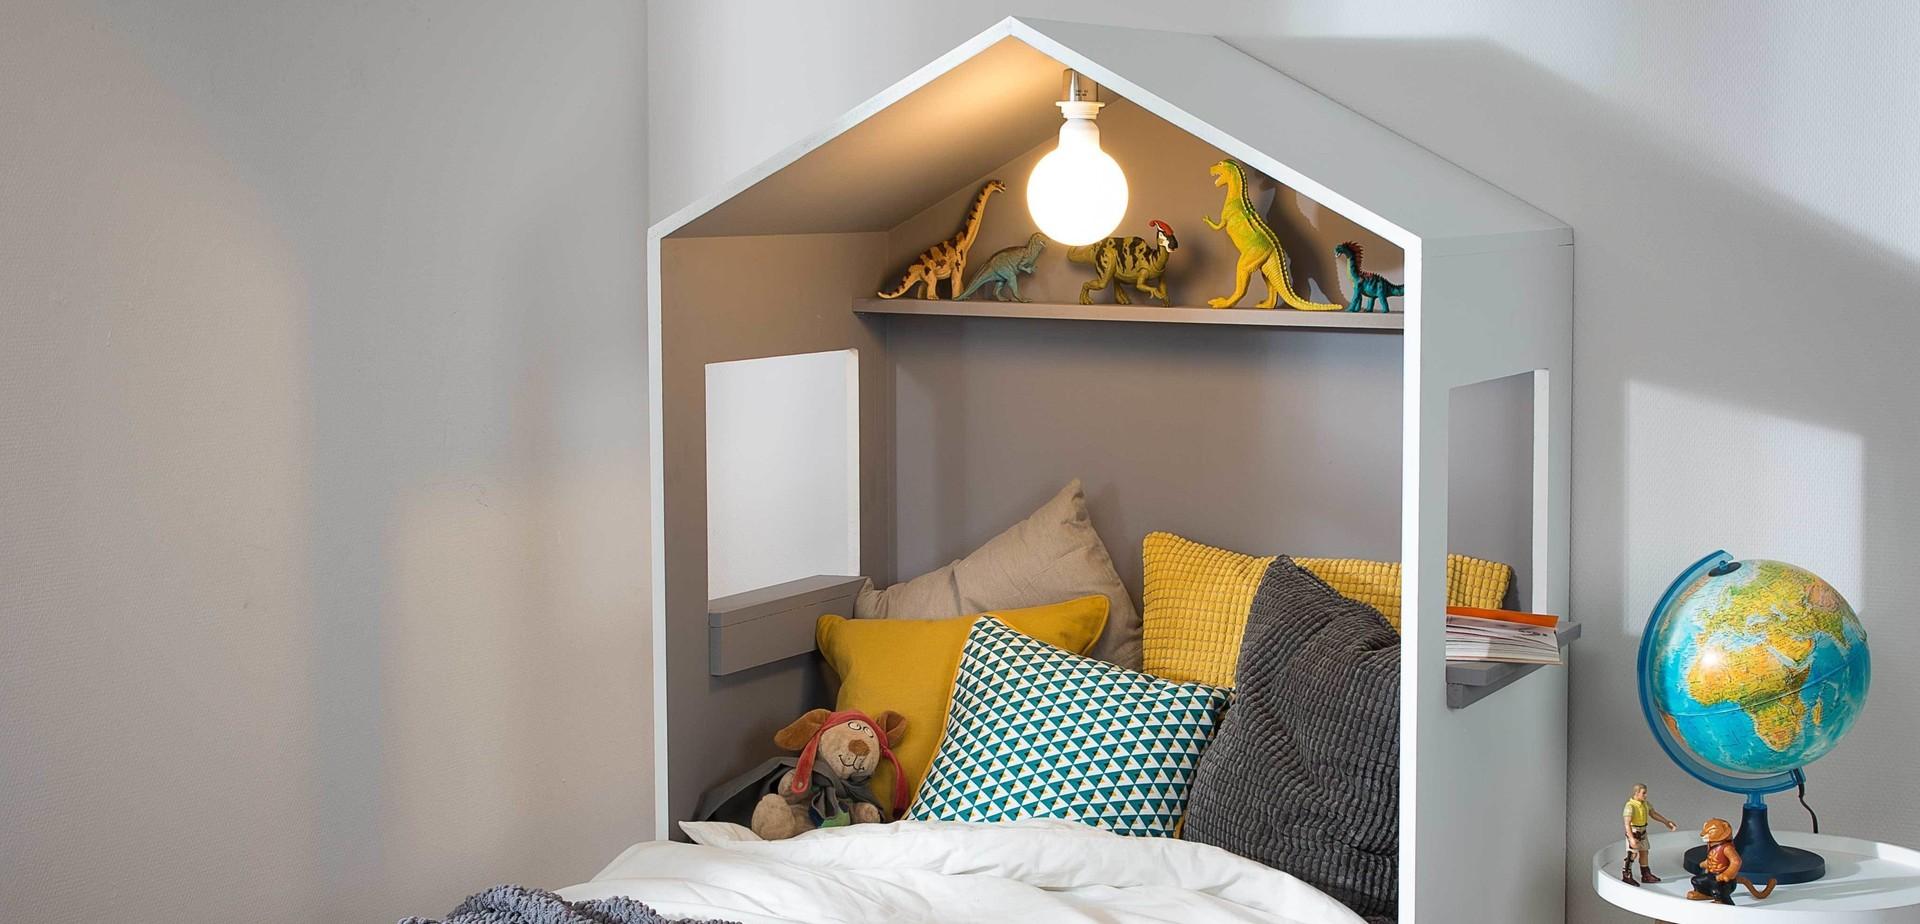 Faire Une Tete De Lit Avec Du Parquet Flottant tête de lit cabane - pour les makers